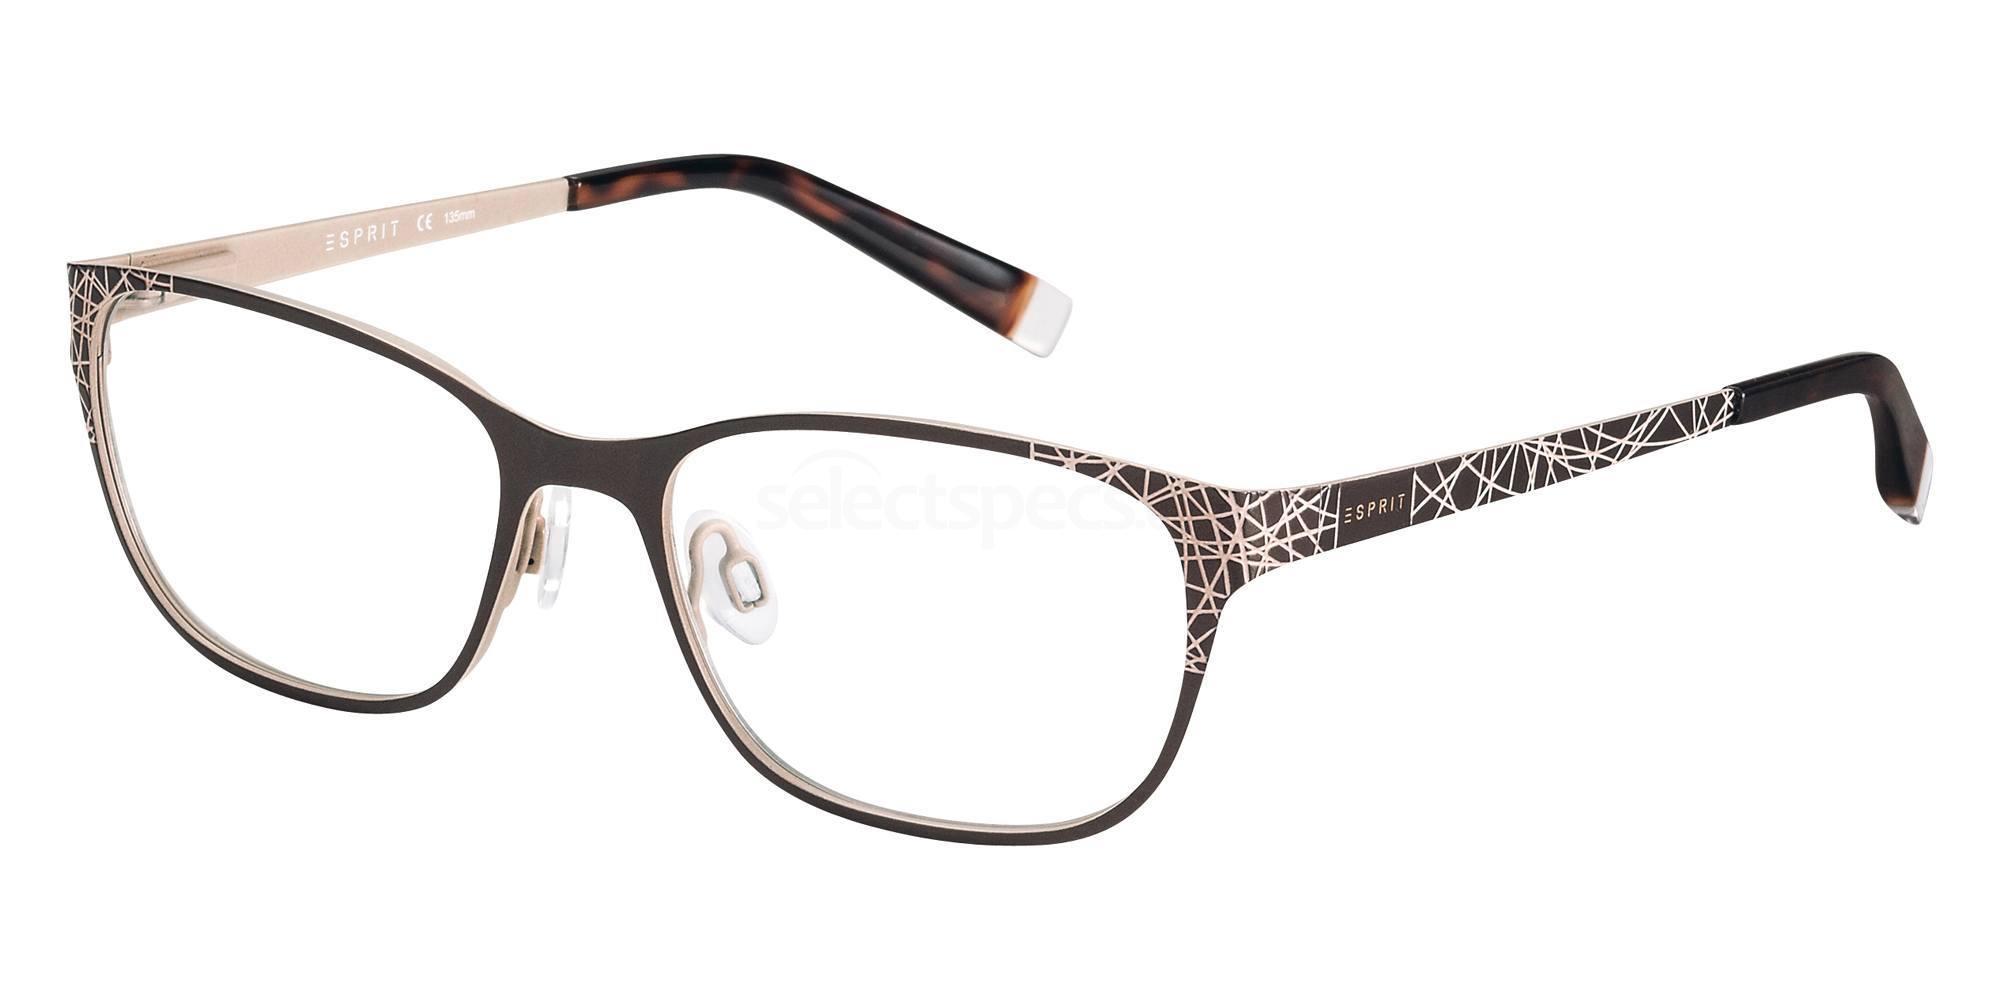 535 ET17460 Glasses, Esprit